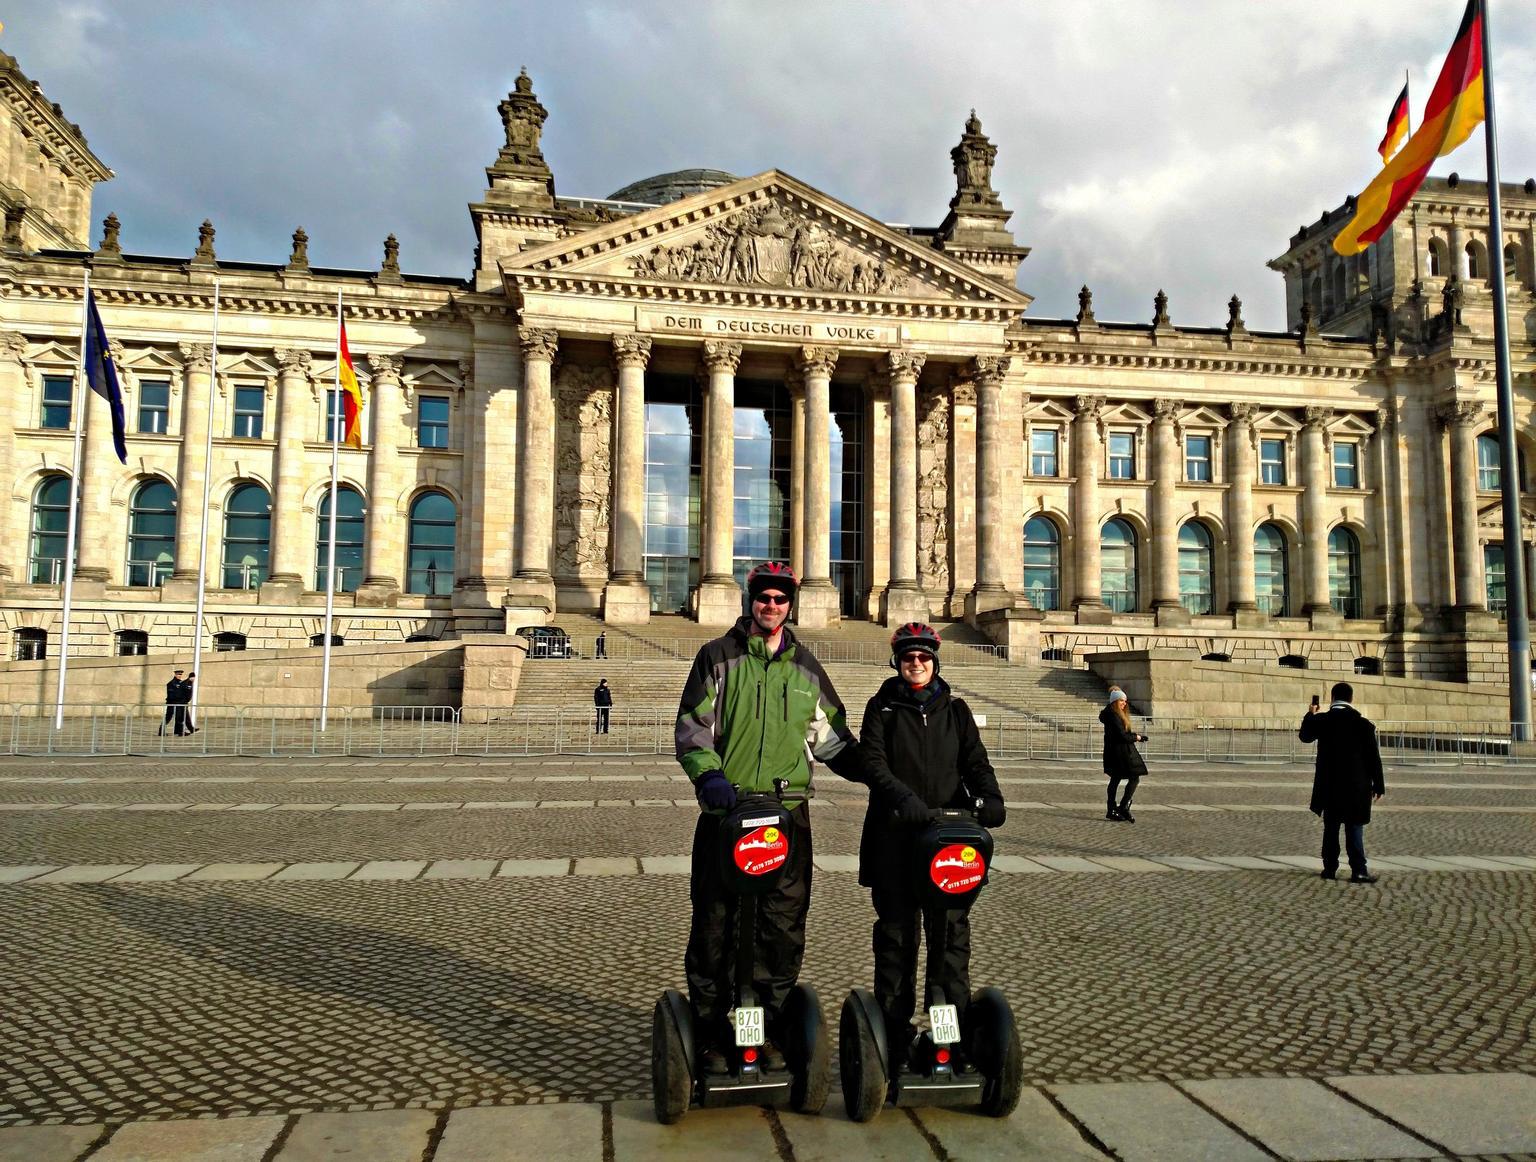 MAIS FOTOS, 2 Hour Berlin Small Group Segway Tour